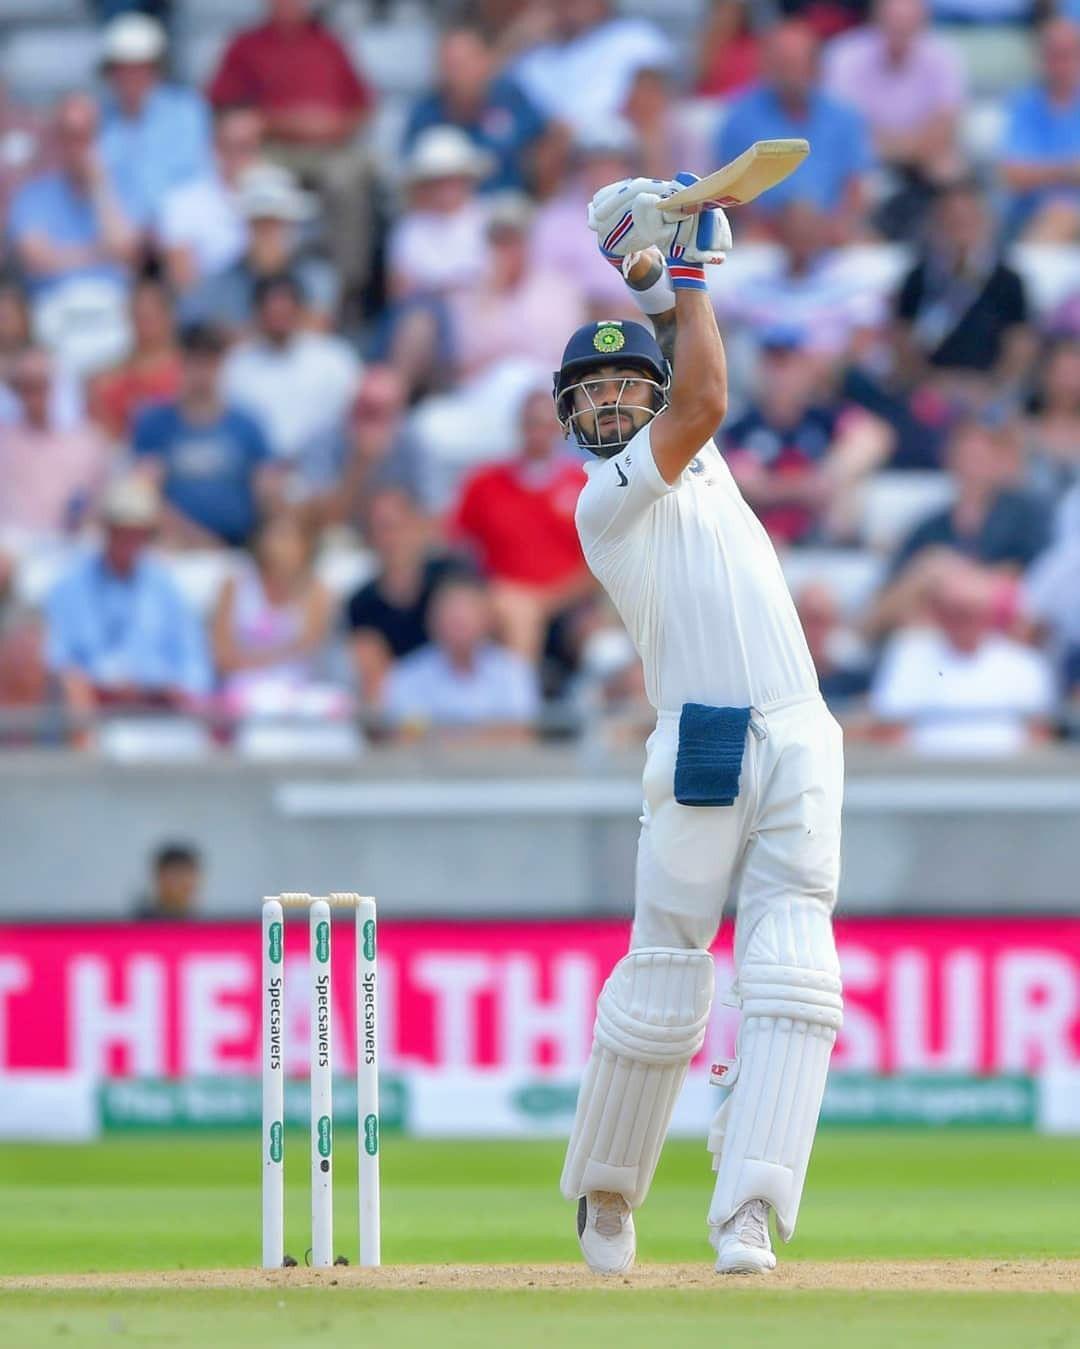 Virat Kohli Ca With Images Virat Kohli Virat Kohli Wallpapers Cricket Sport